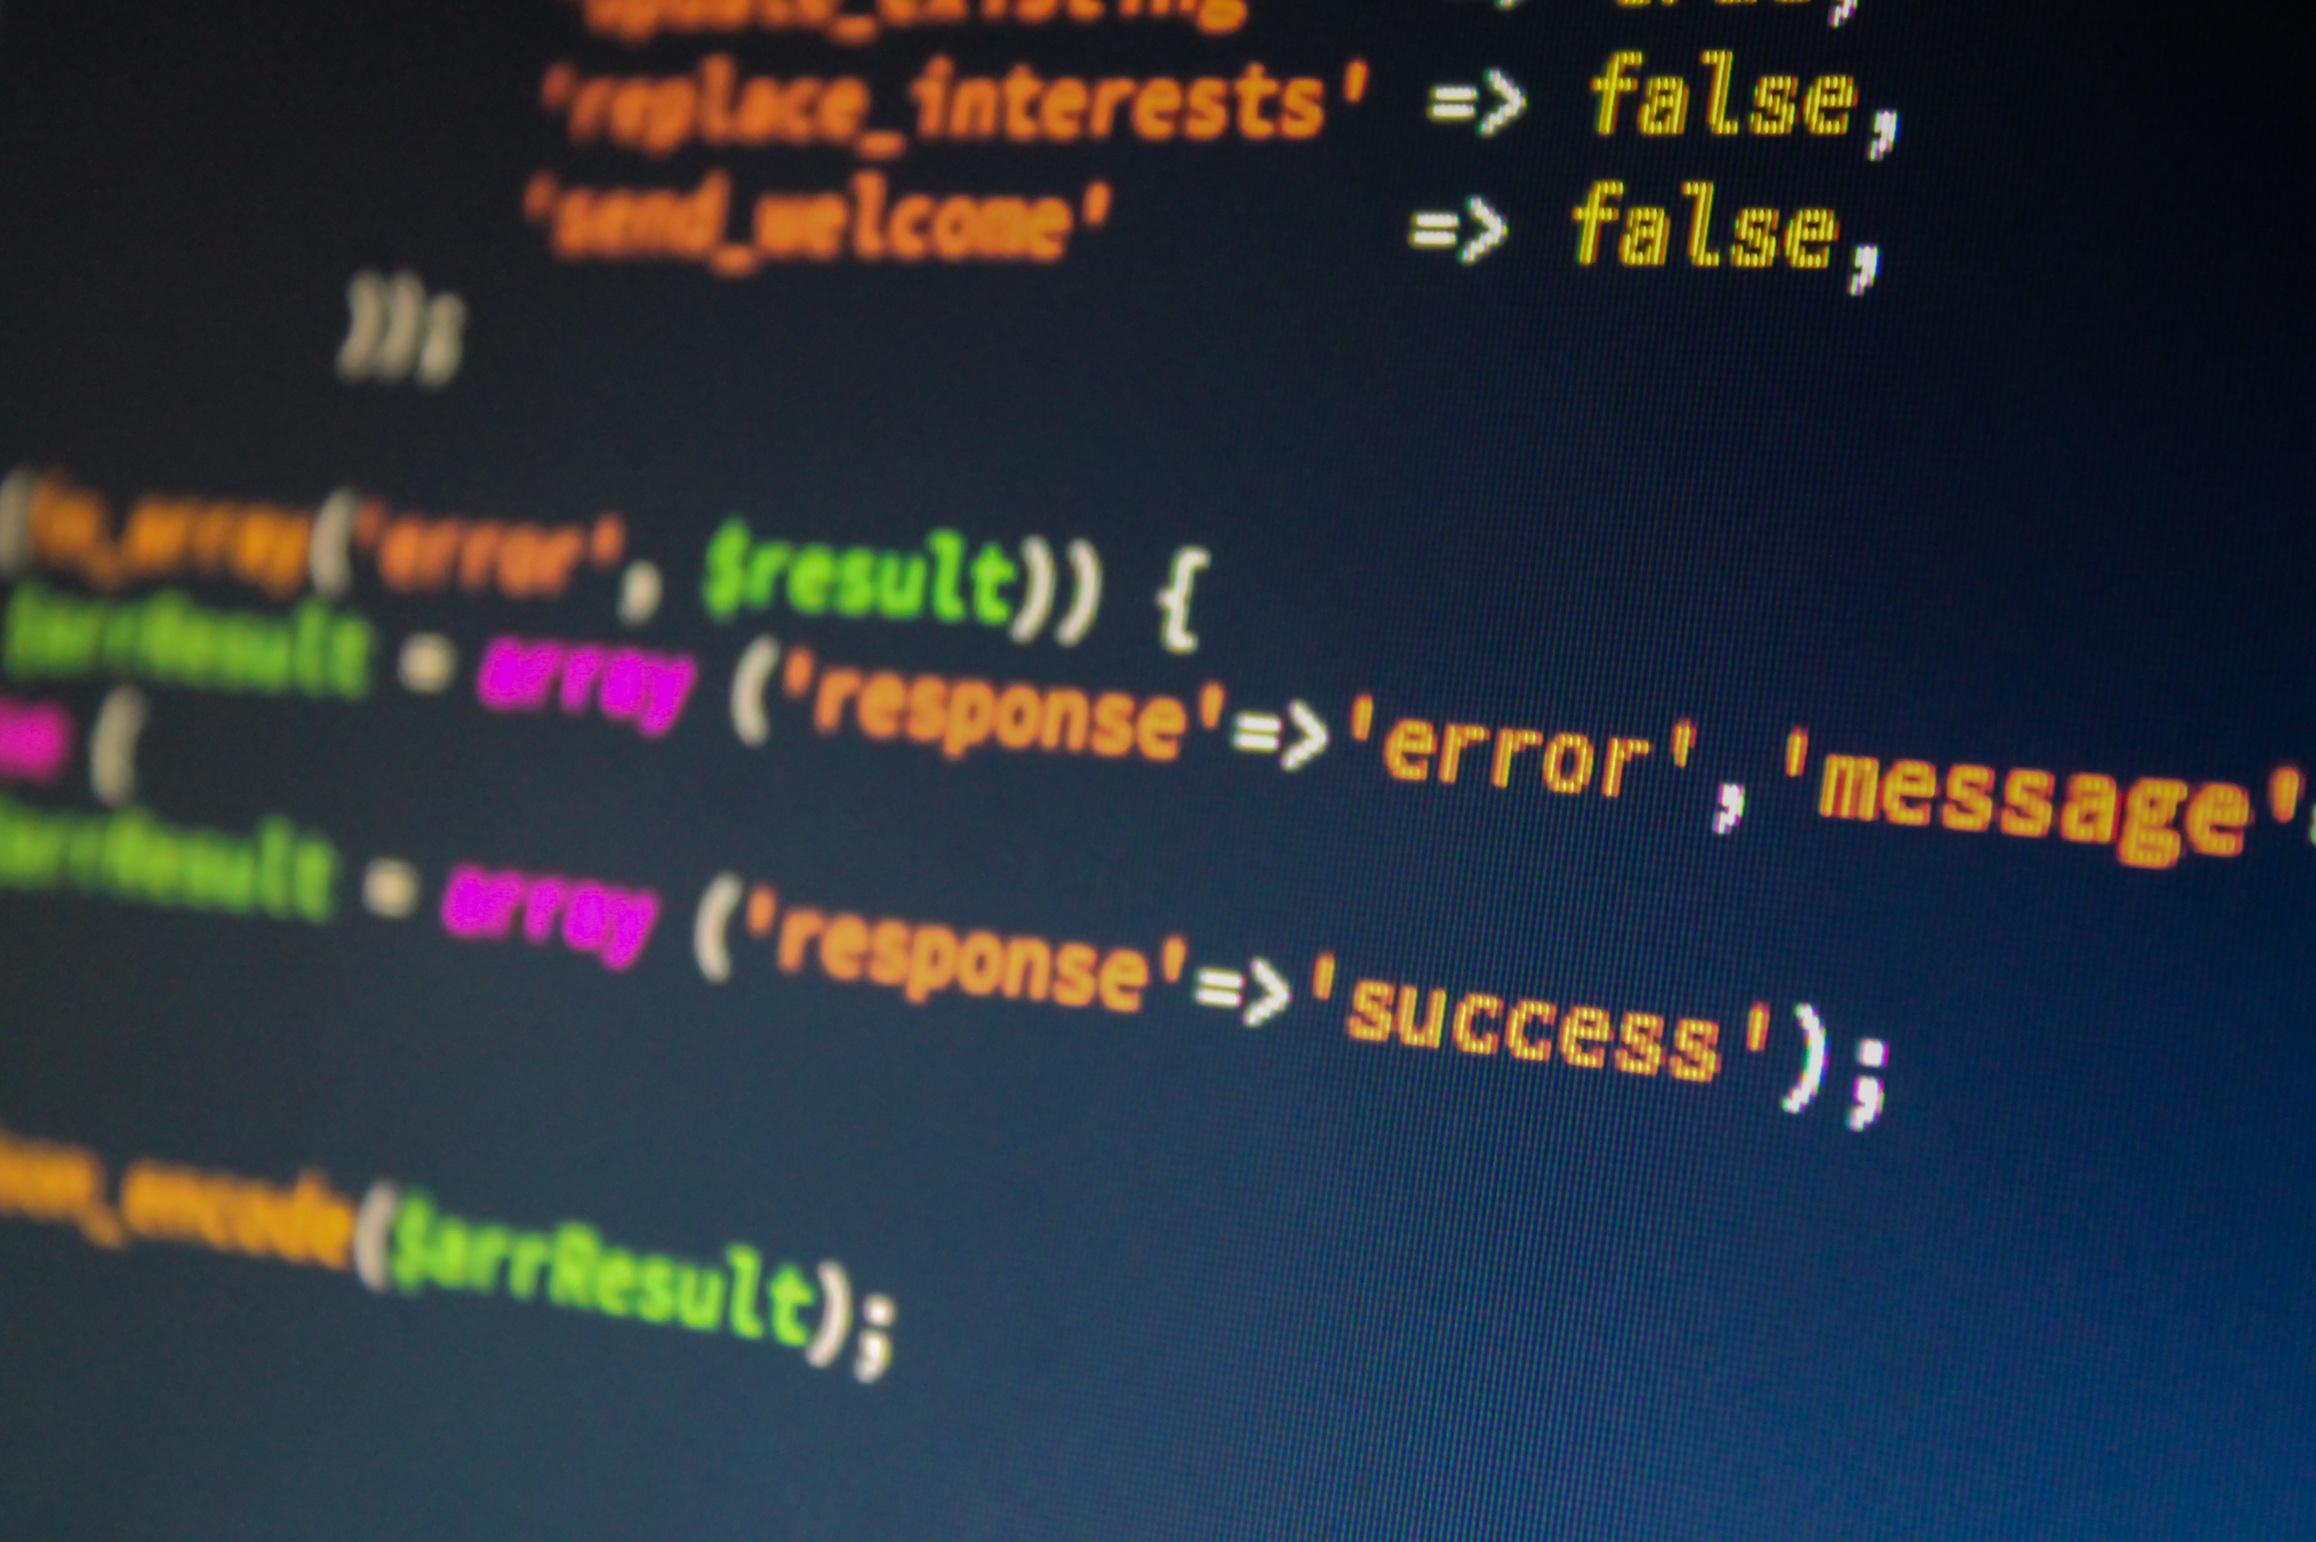 Extensive Software Development Expertise